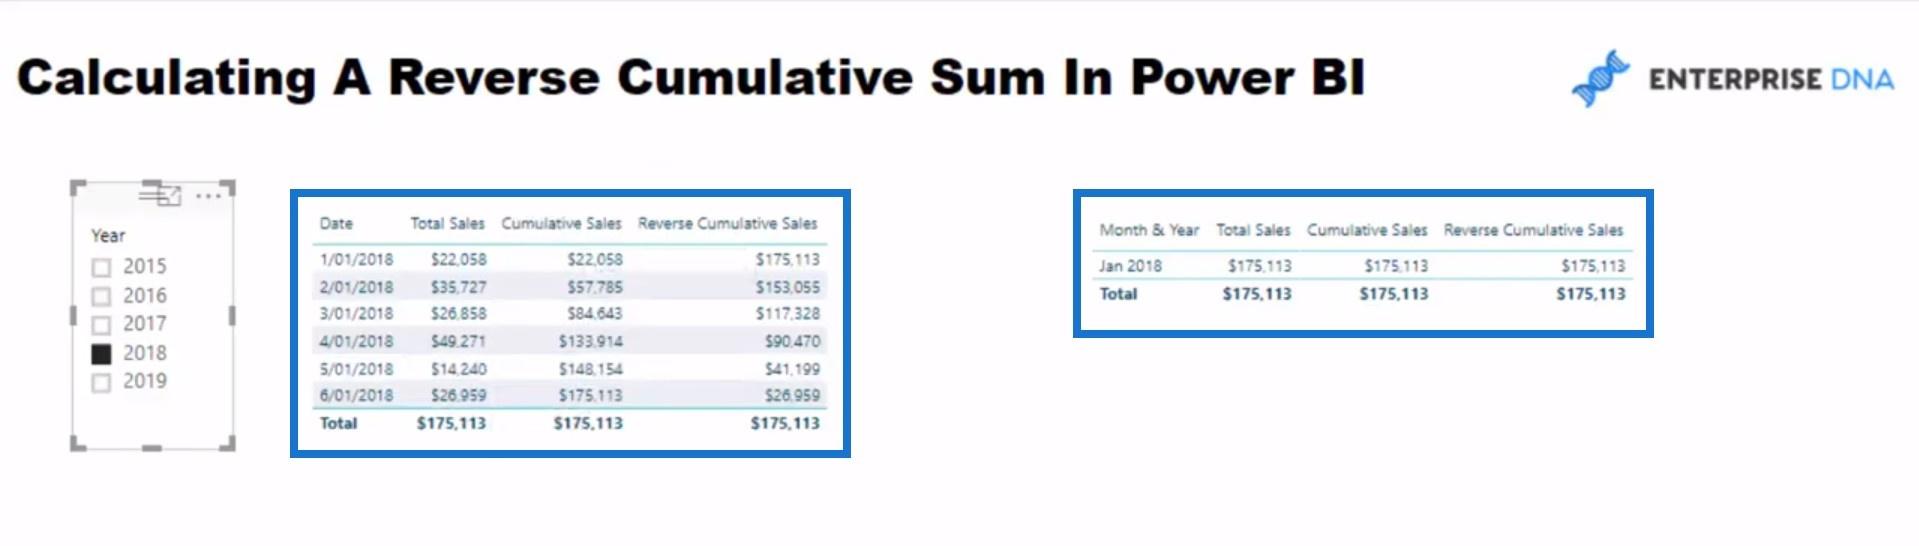 Results of calculating Cumulative total in Power BI DAX pattern